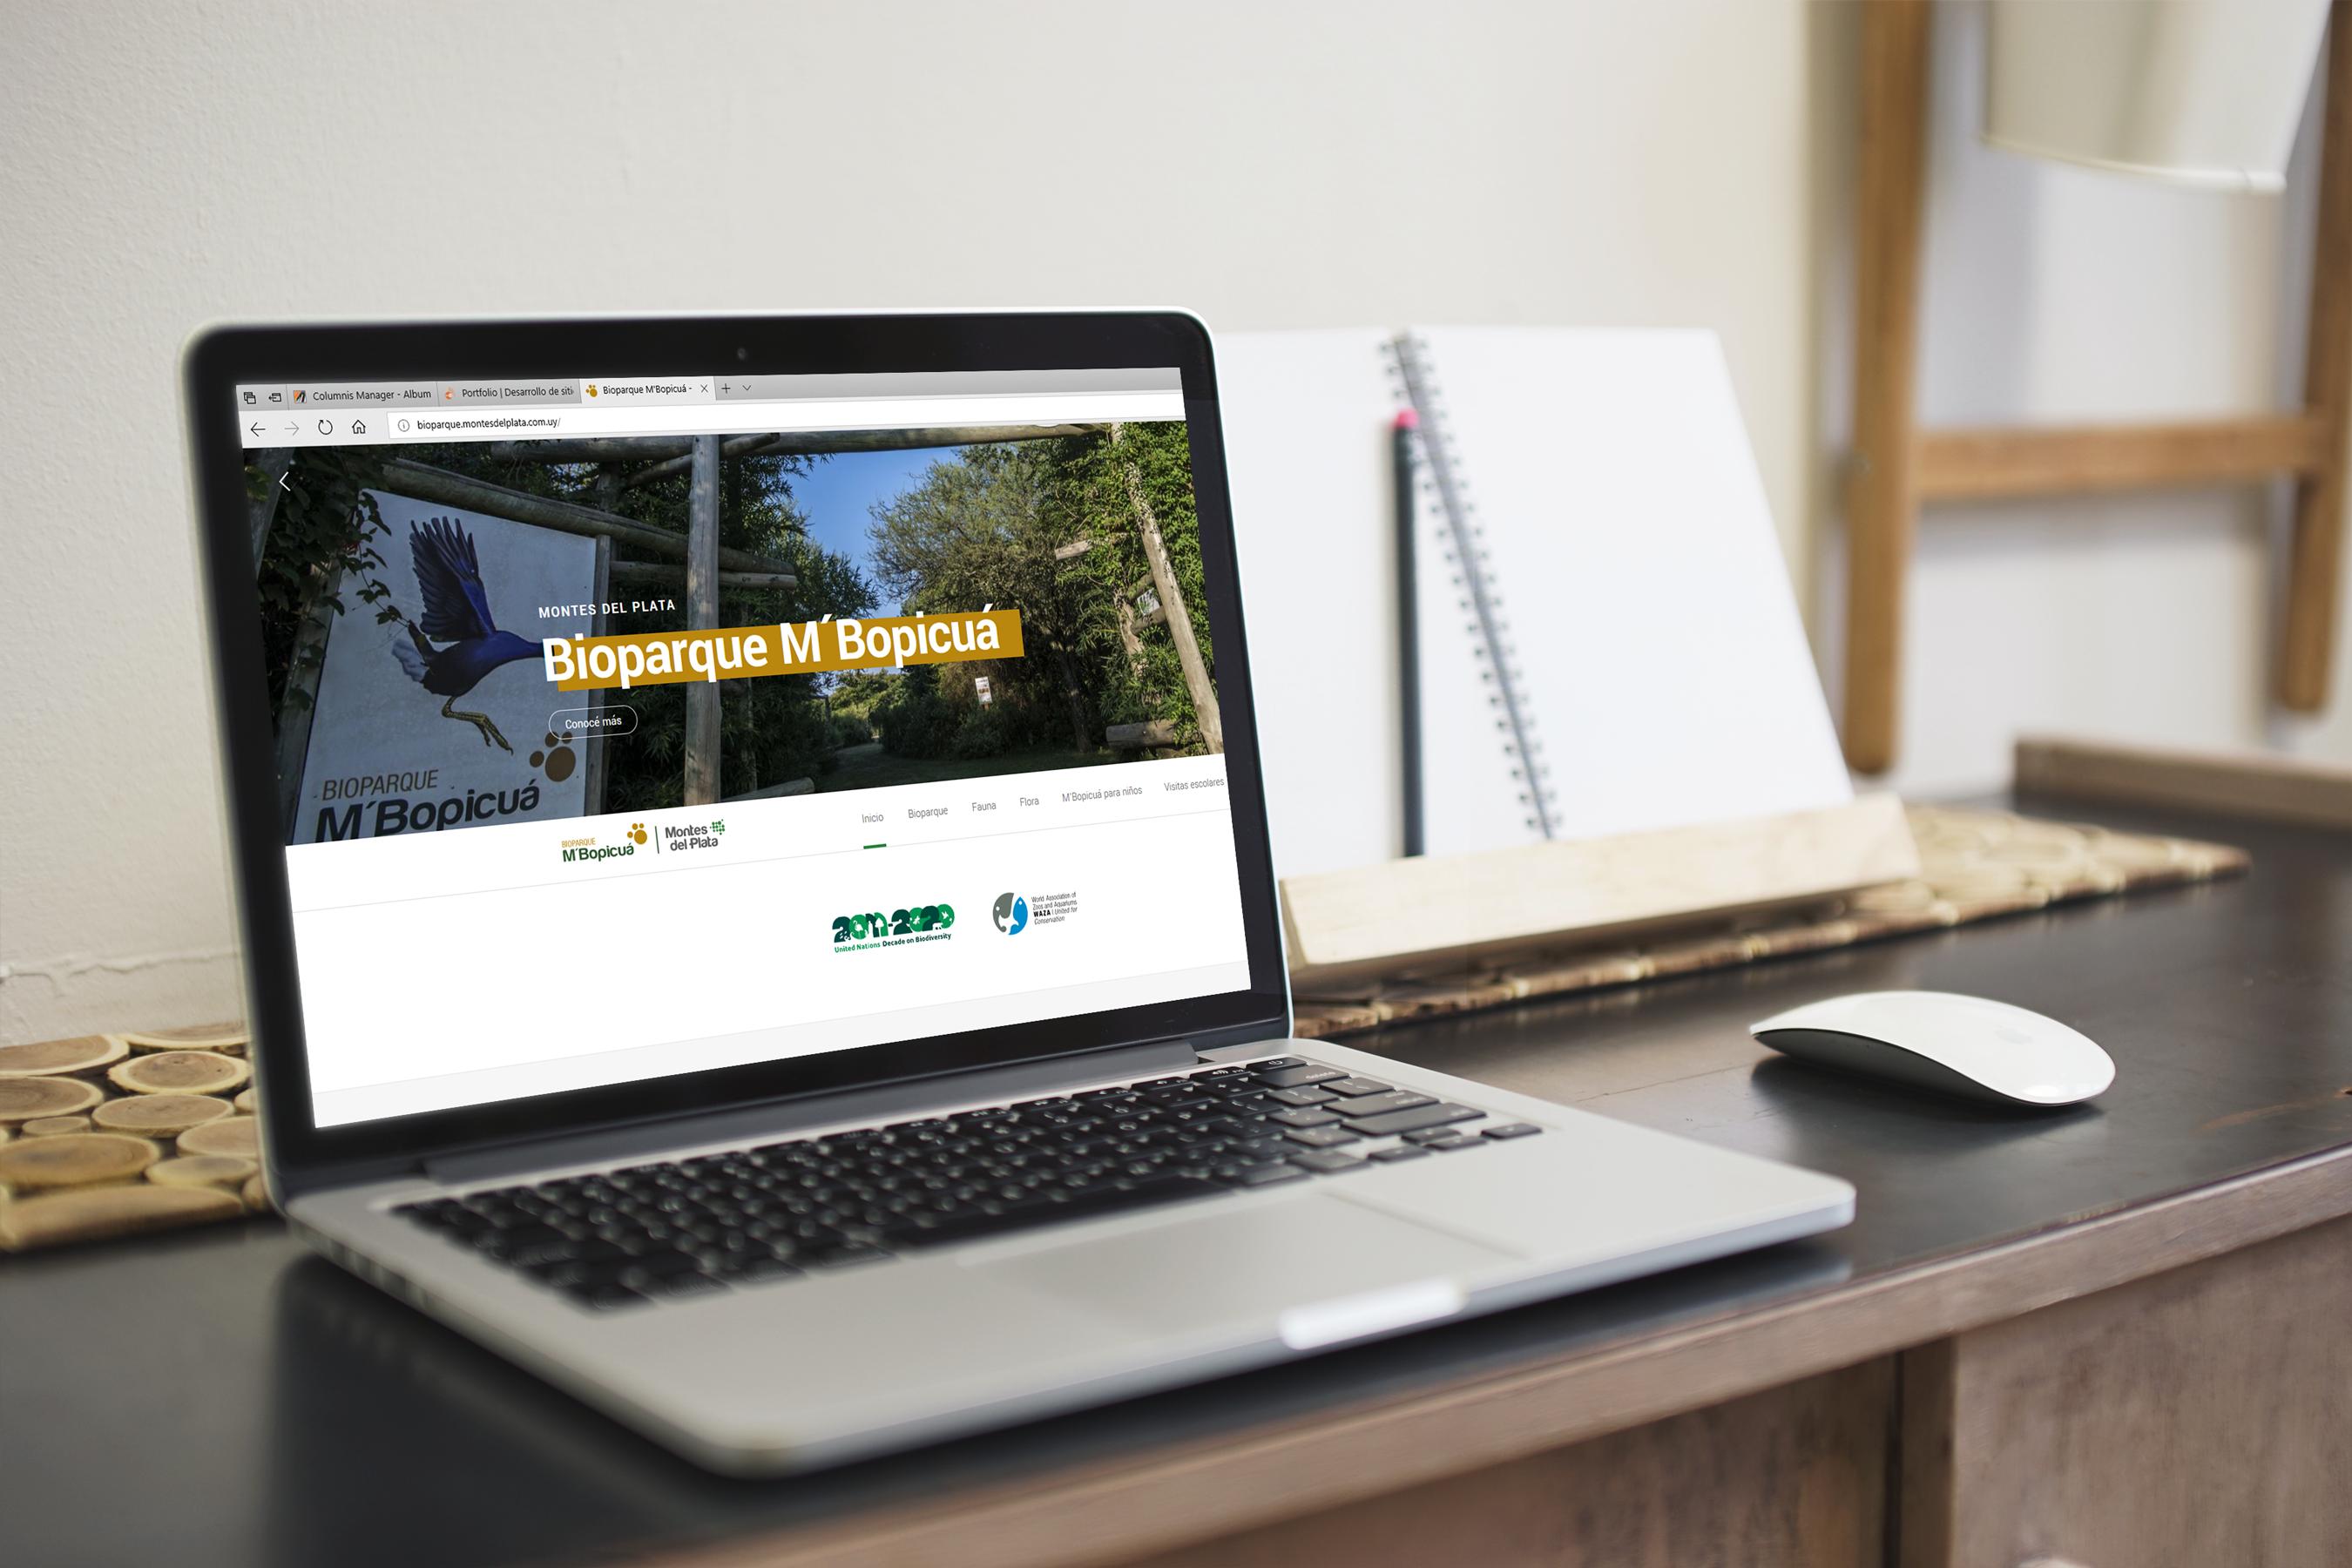 Bioparque Sitio Web